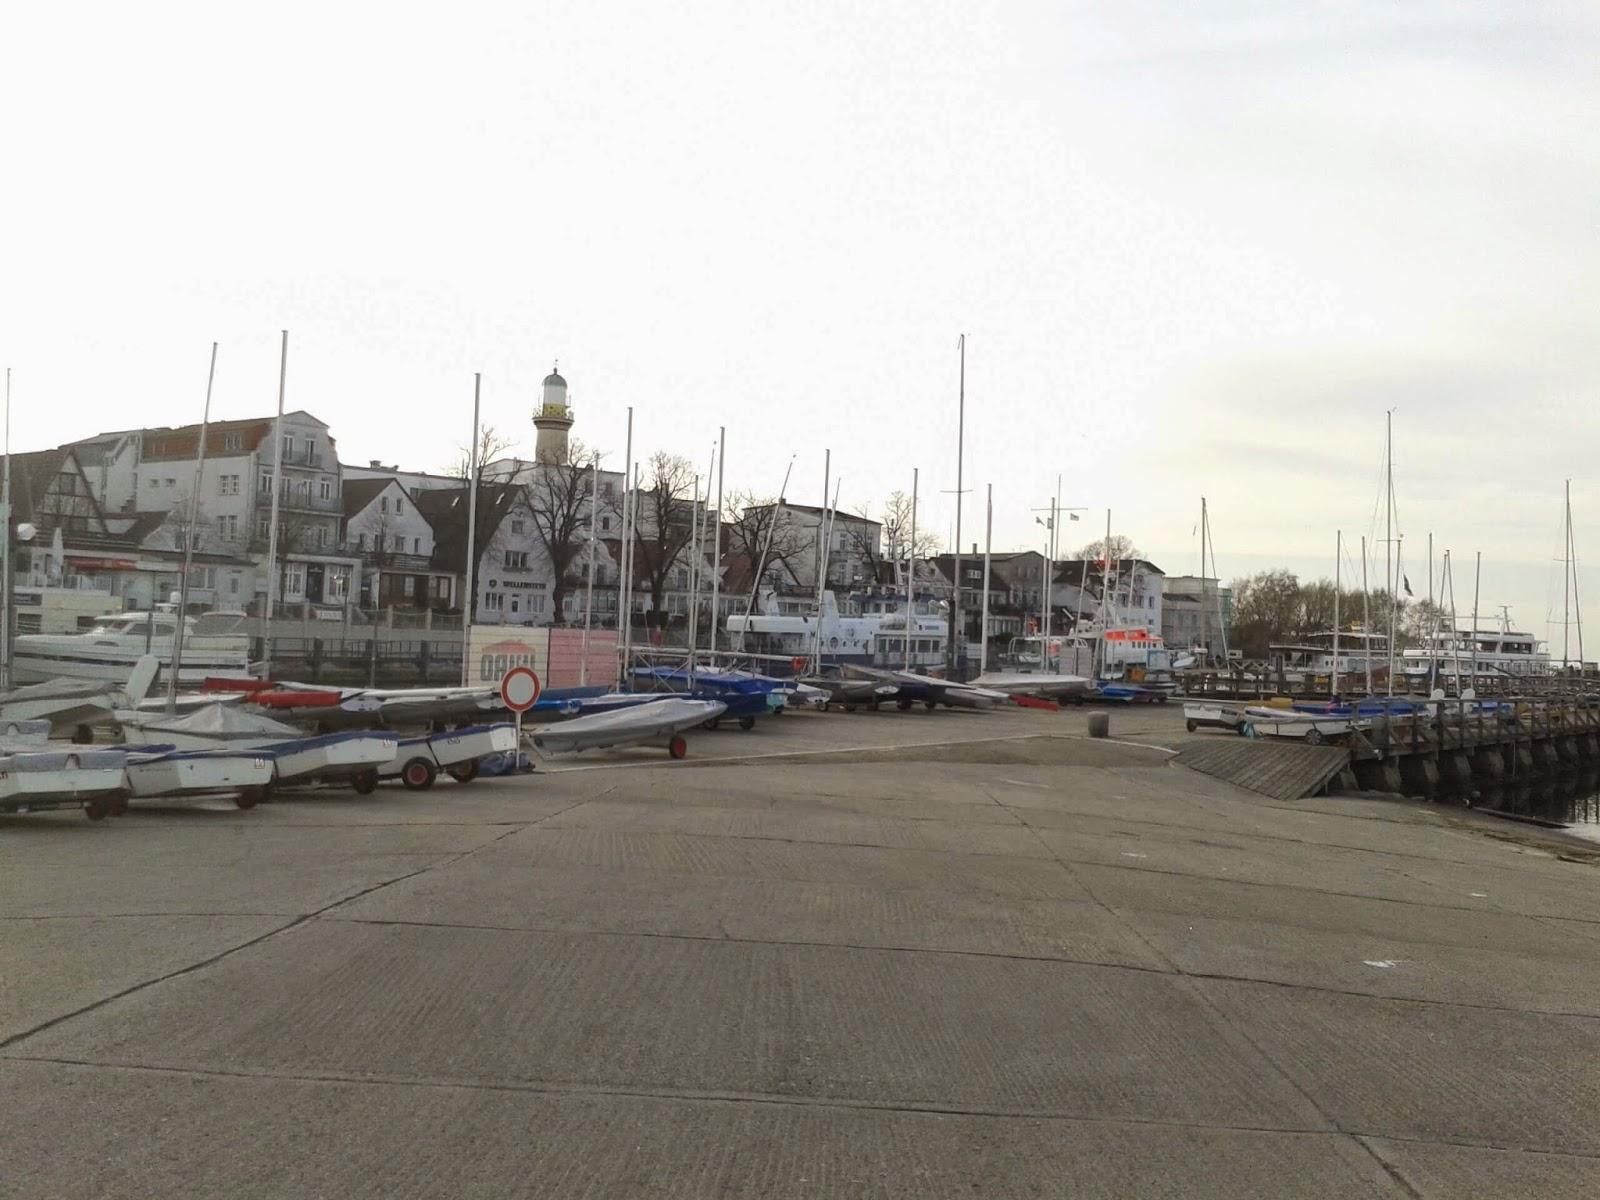 Hafen von Warnemünde